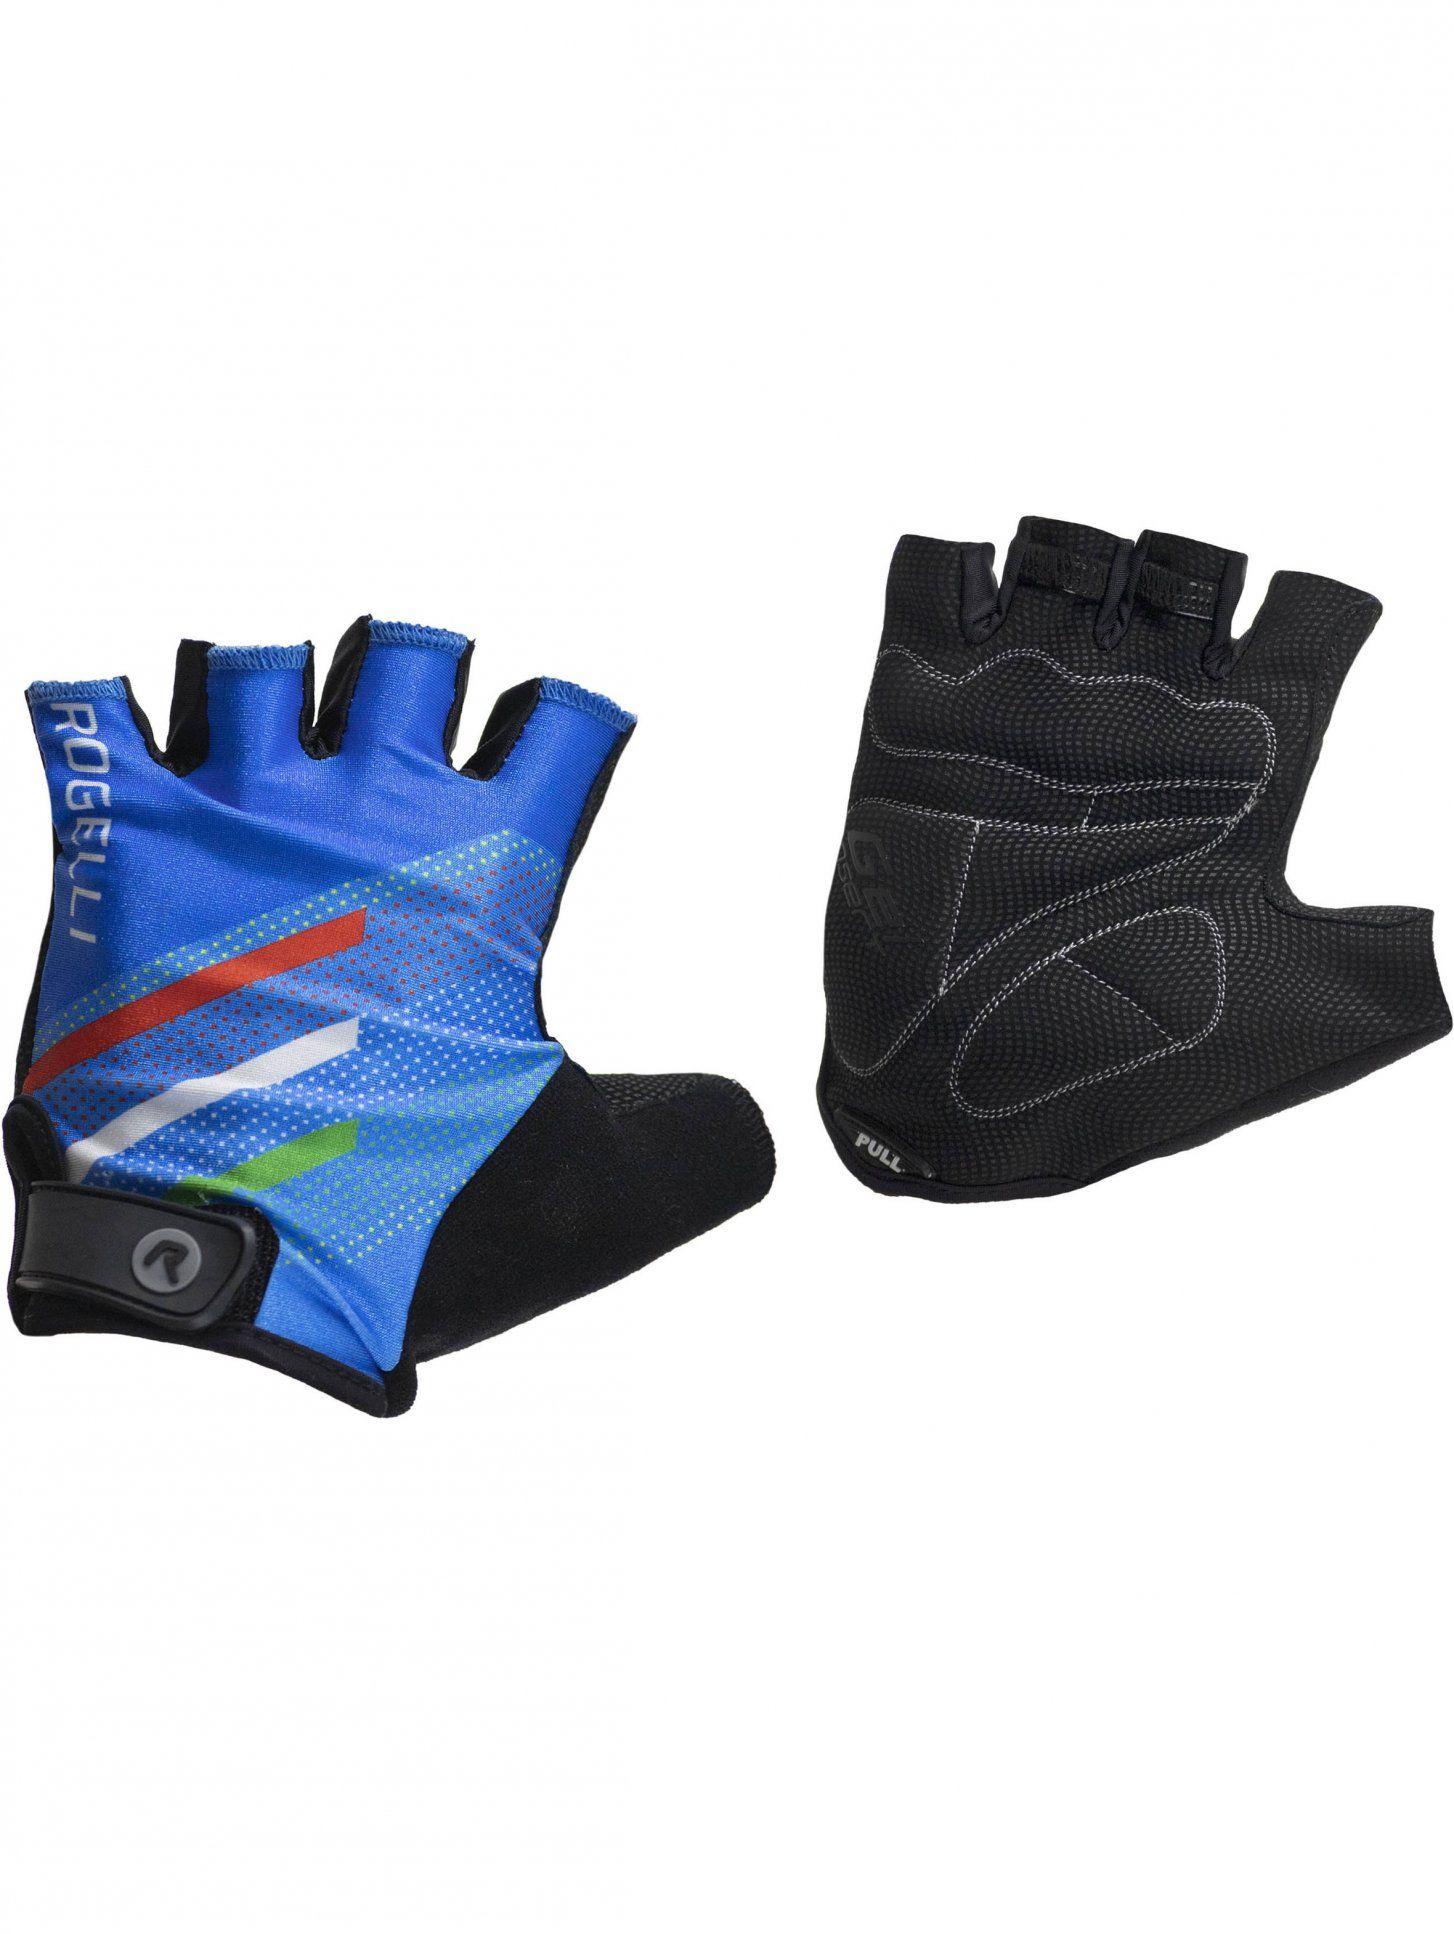 ROGELLI 006.960 TEAM 2.0 rękawiczki rowerowe niebieskie Rozmiar: S,006.960blue